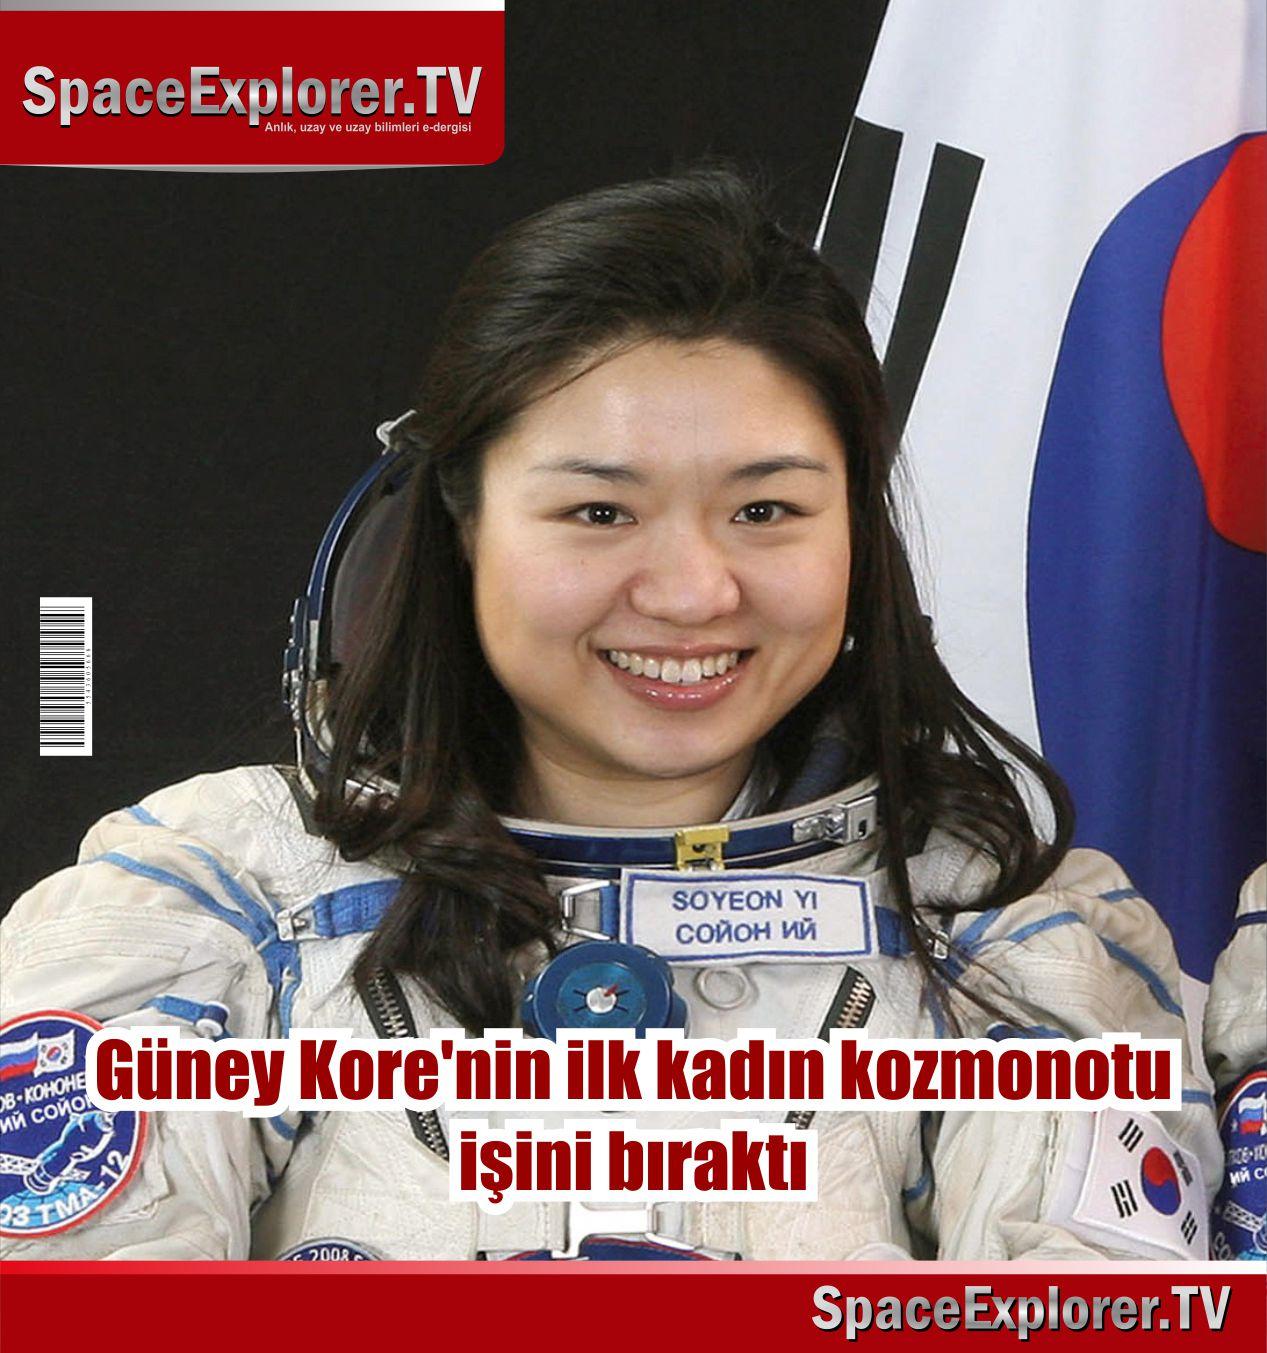 Güney Kore, K.A.R.I., Rus kozmonotlar, Kadın astronotlar,